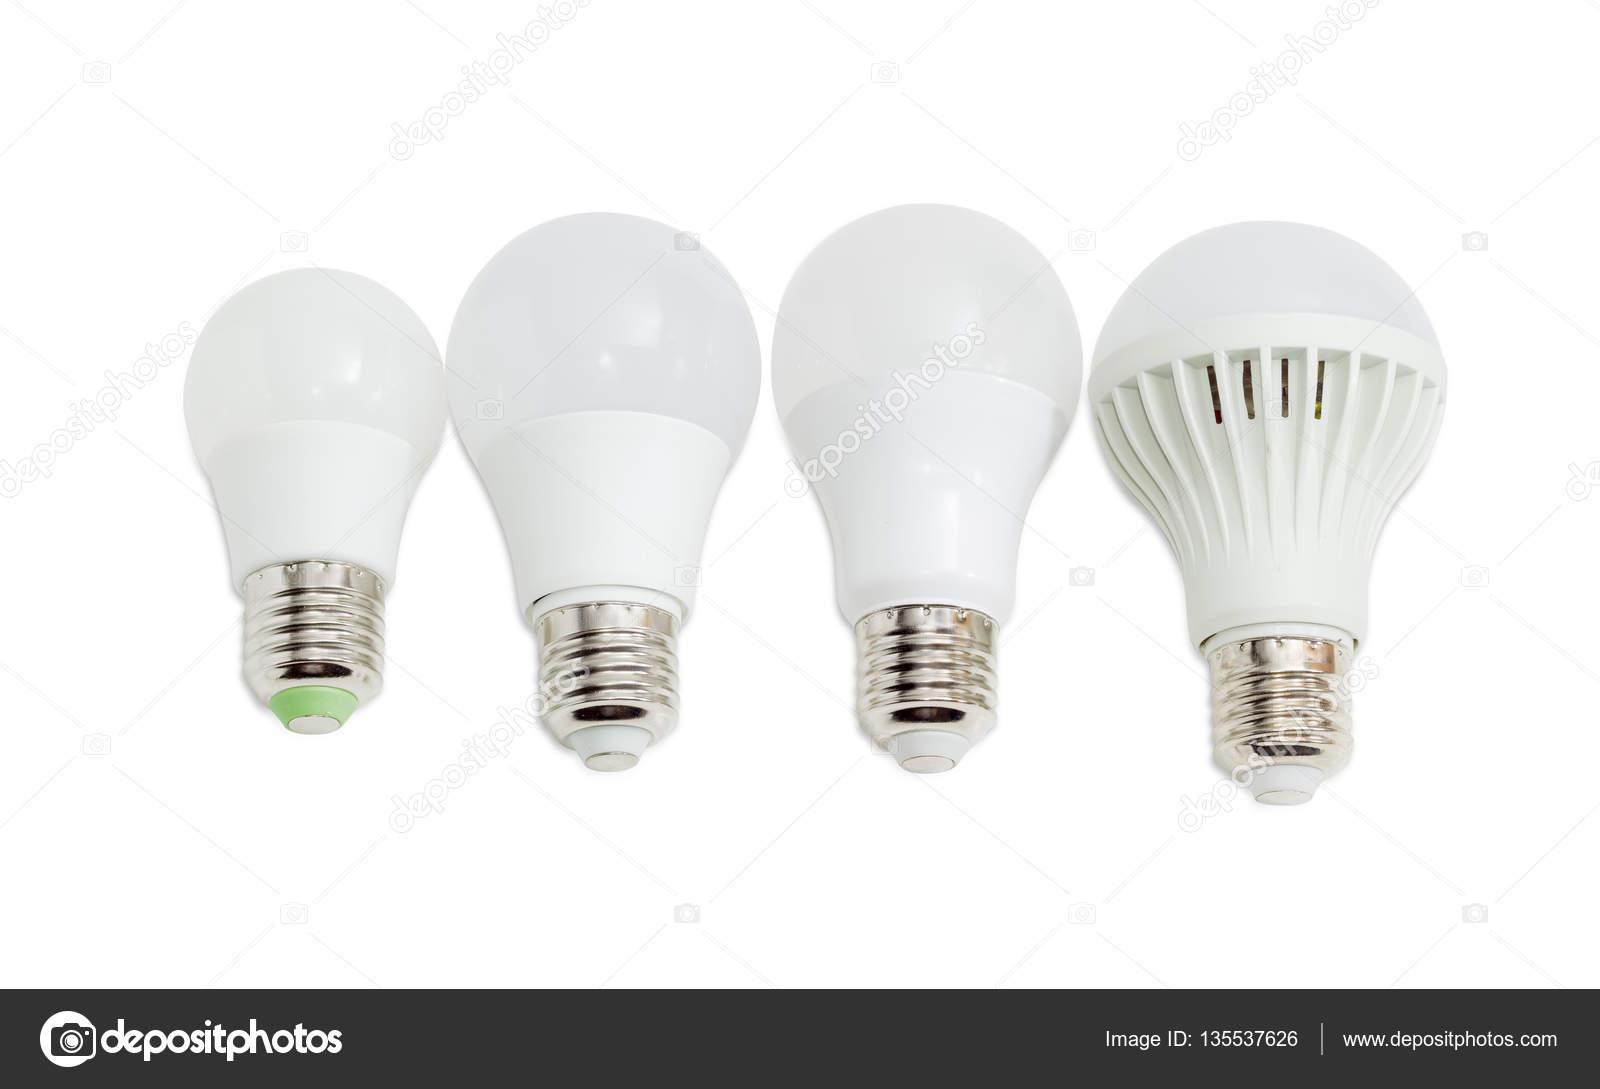 Lampada ad incandescenza attraverso un diodo. Sulla fornitura di lampadine elettriche attraverso un diodo 81